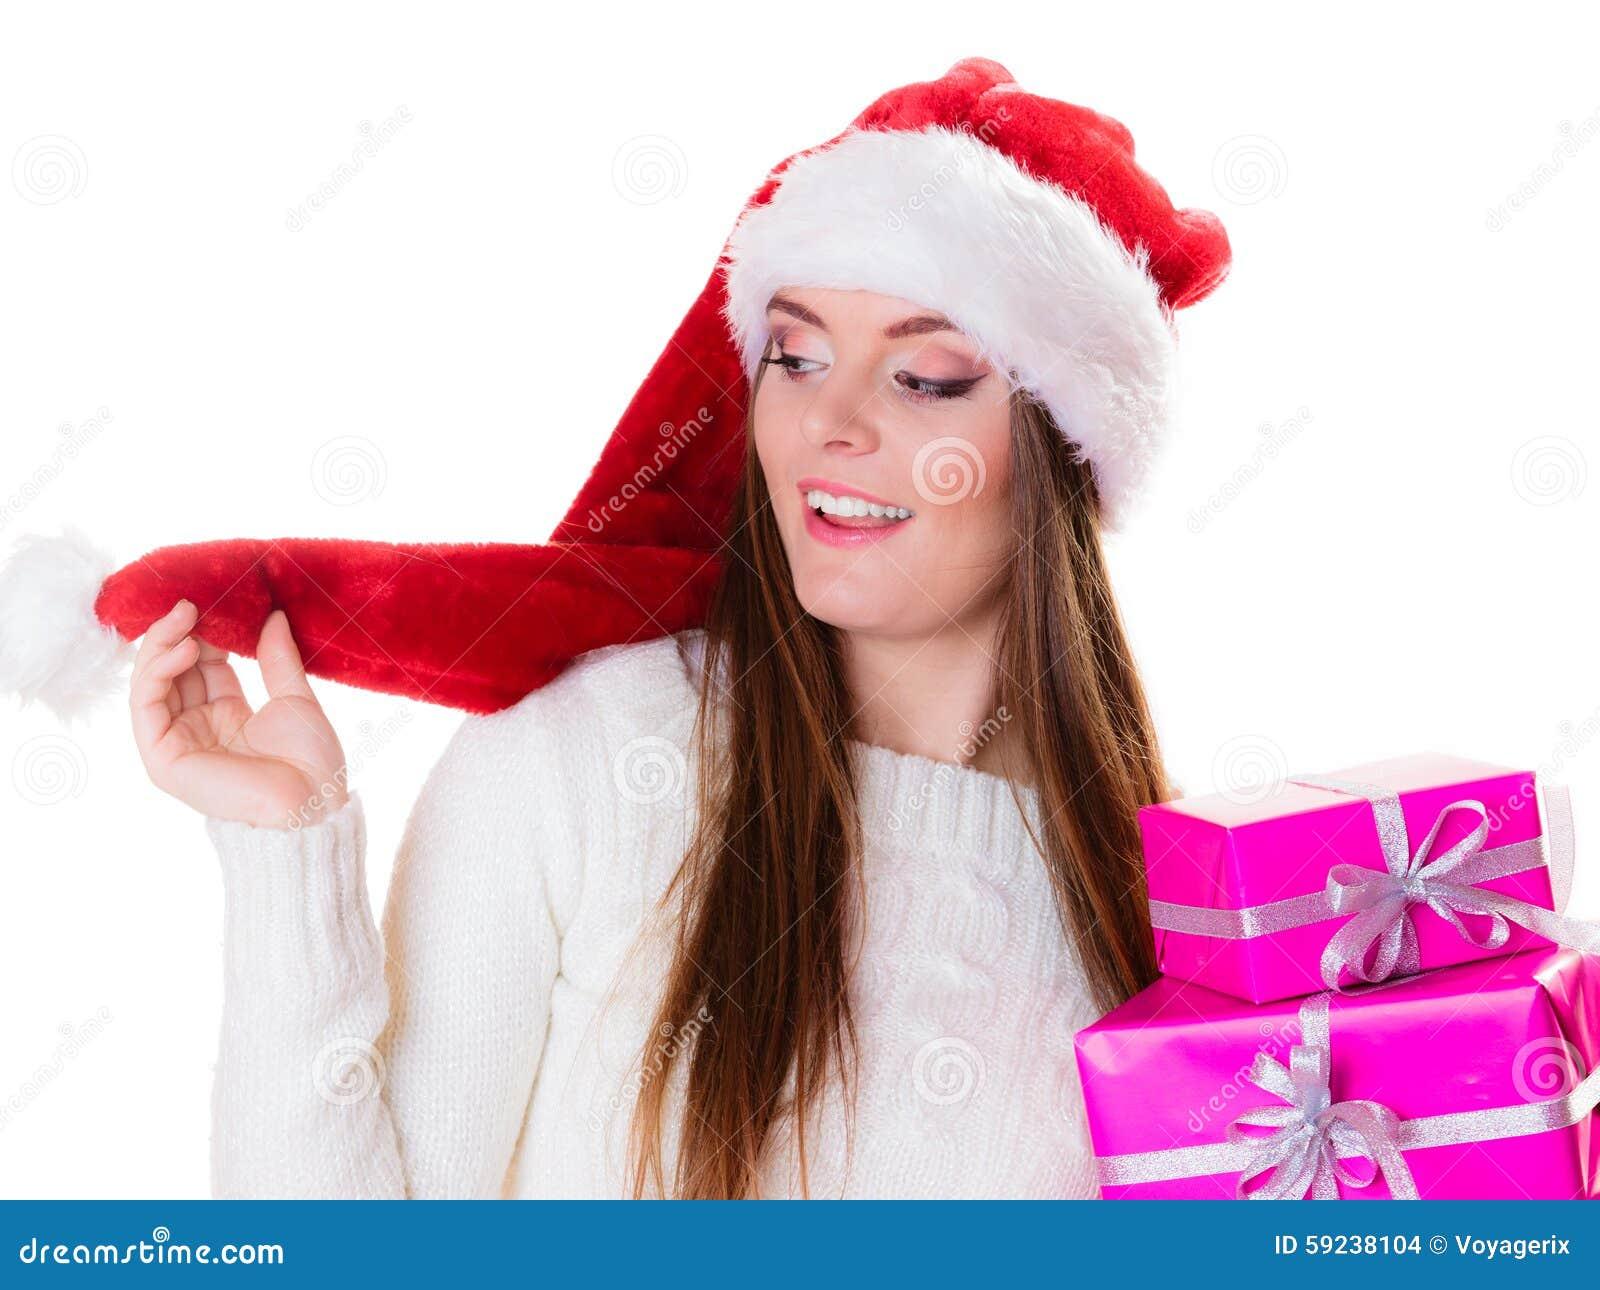 Sombrero del ayudante de santa de la mujer con muchas cajas de regalo rosadas